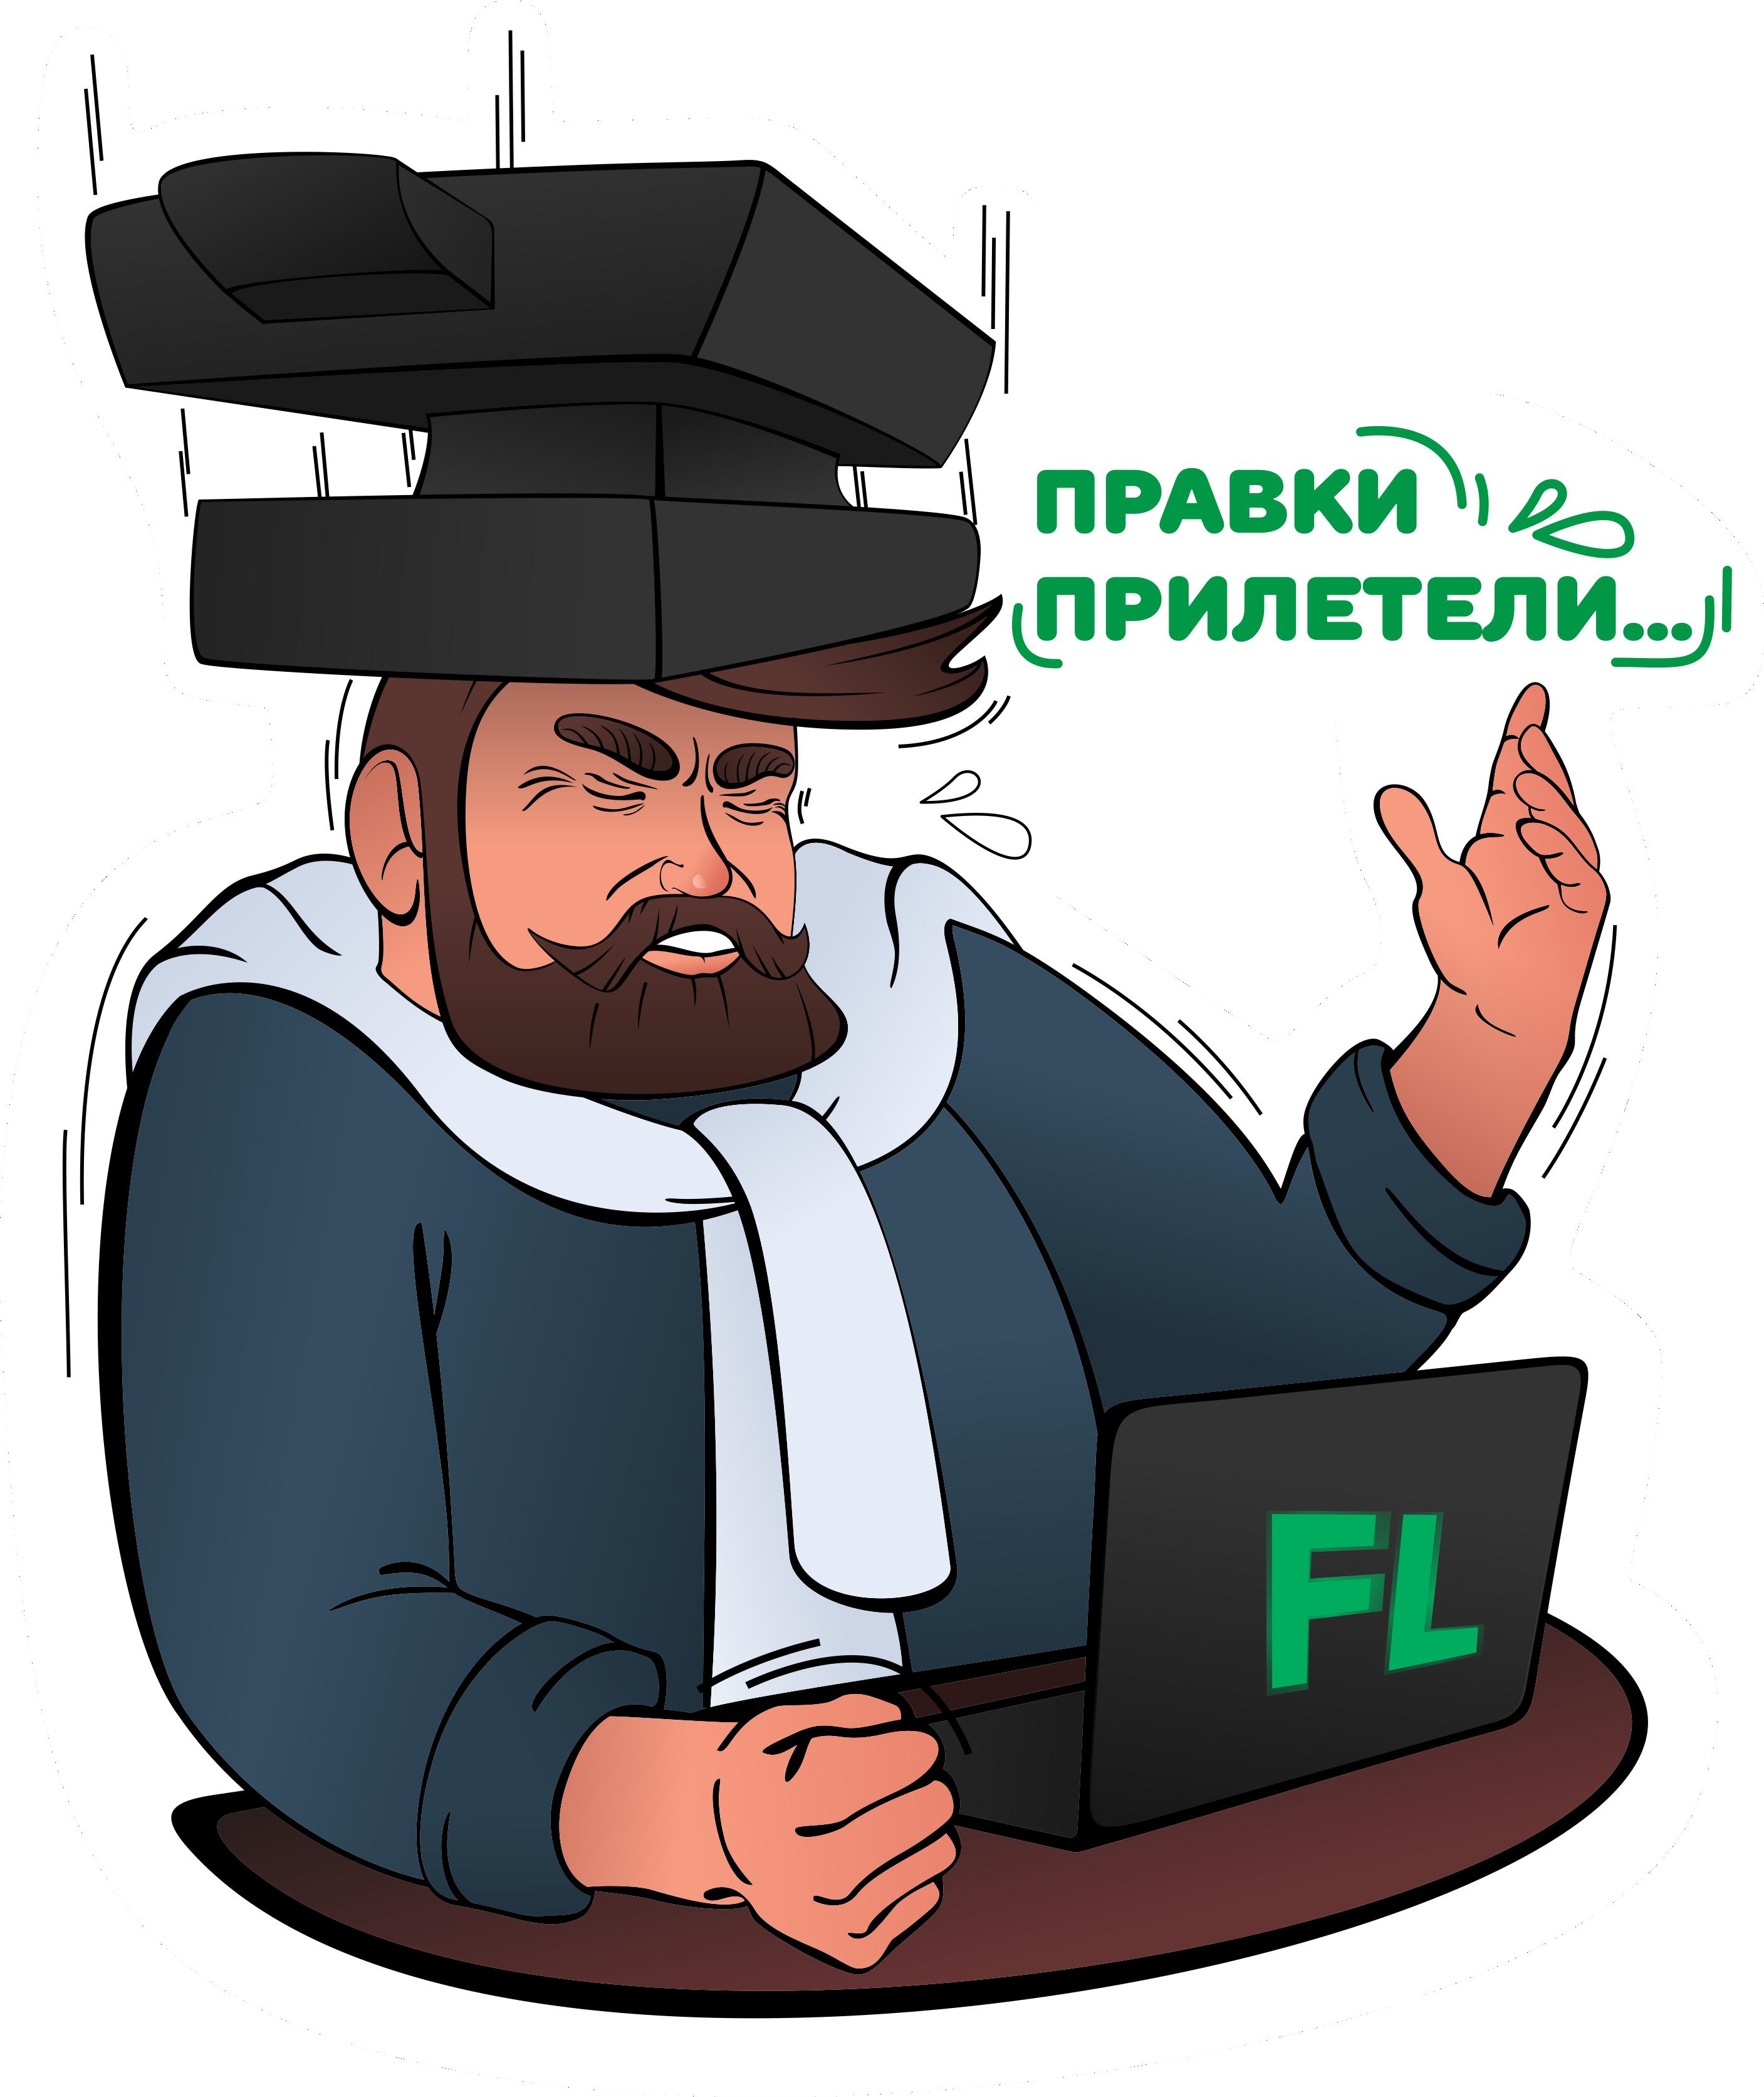 Стикерпаки на день фриланса для FL.ru фото f_1265cd310a2af214.png